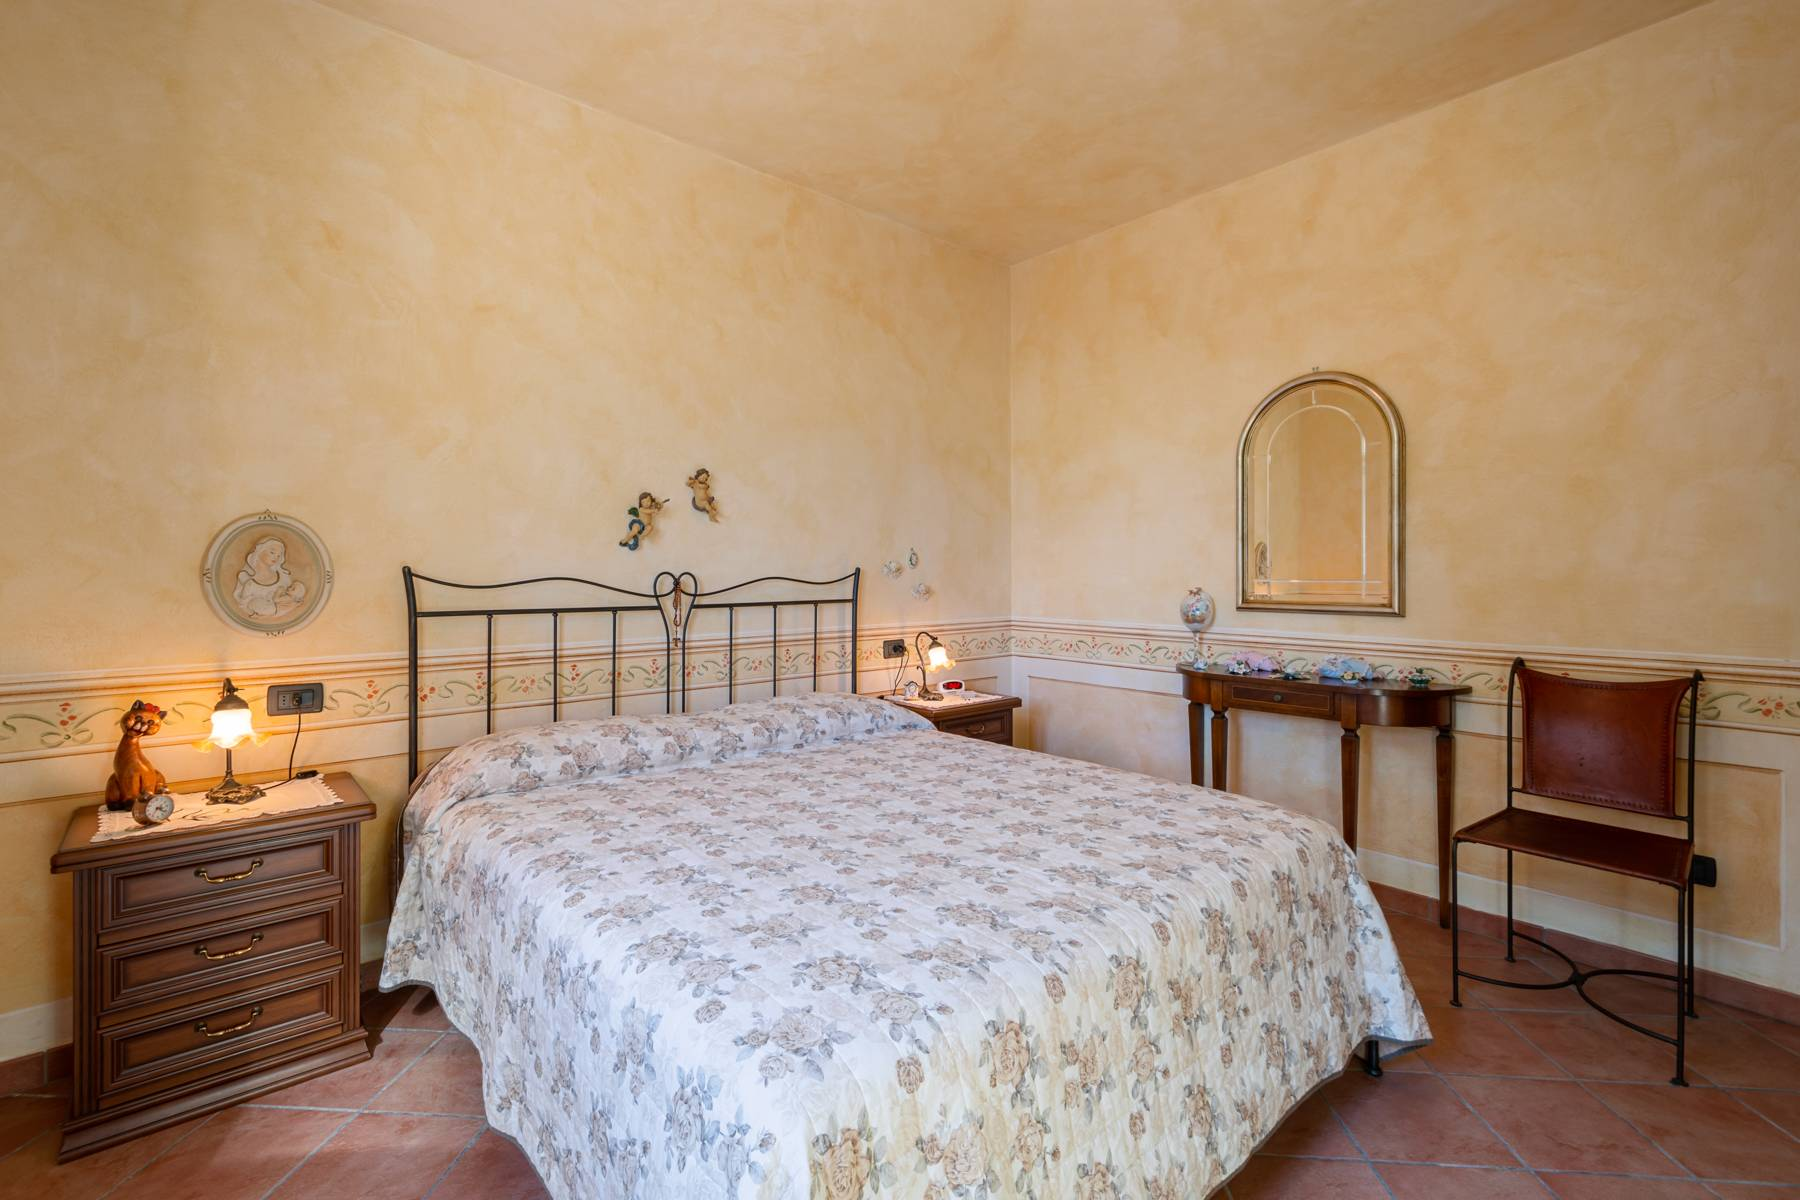 Casa indipendente in Vendita a Toscolano-Maderno: 4 locali, 76 mq - Foto 11